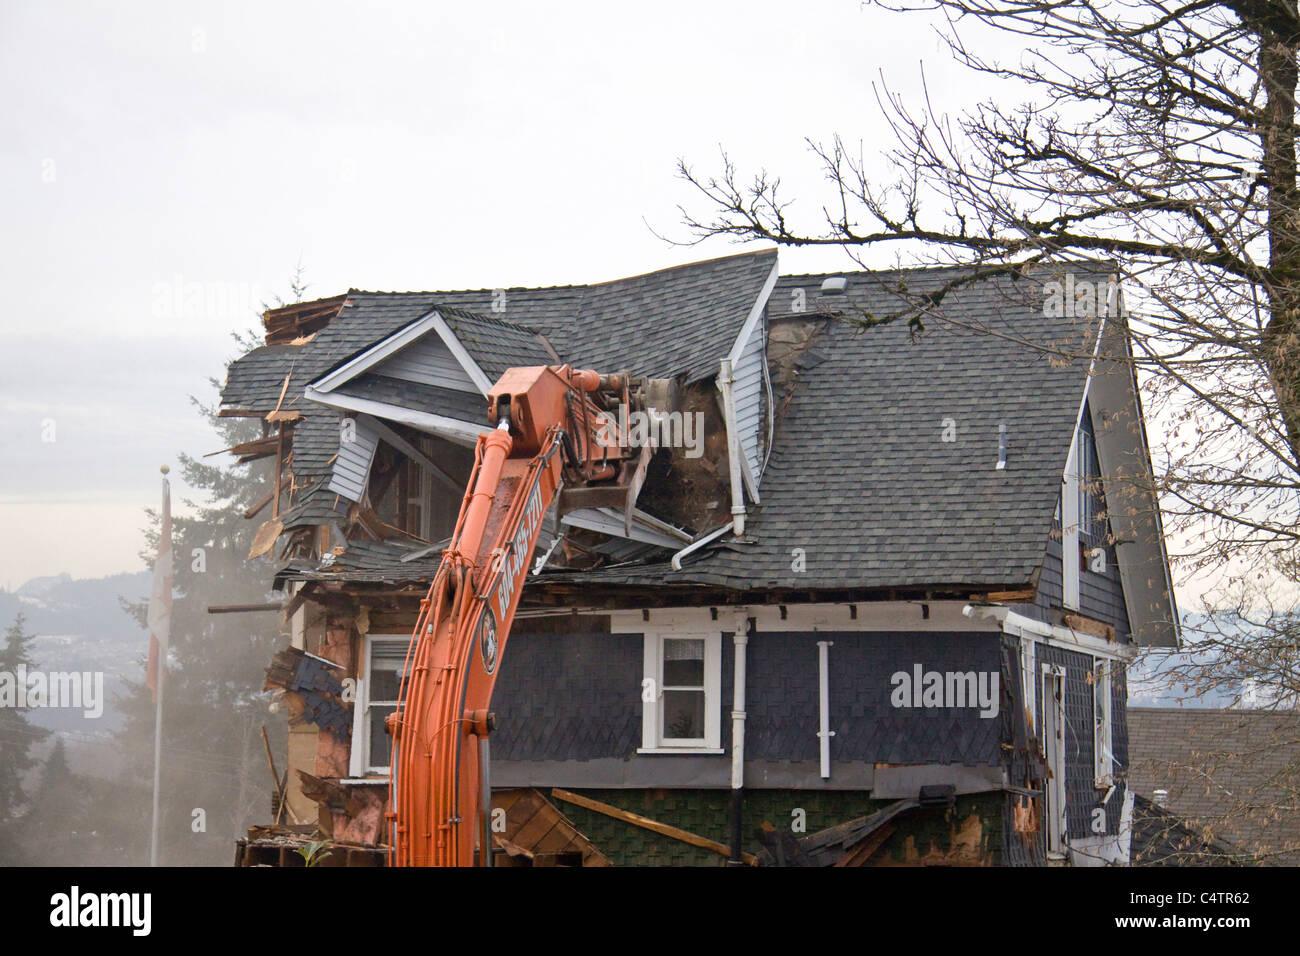 Belle maison de caractère d'être démoli pour faire place à un bâtiment plus récent Banque D'Images